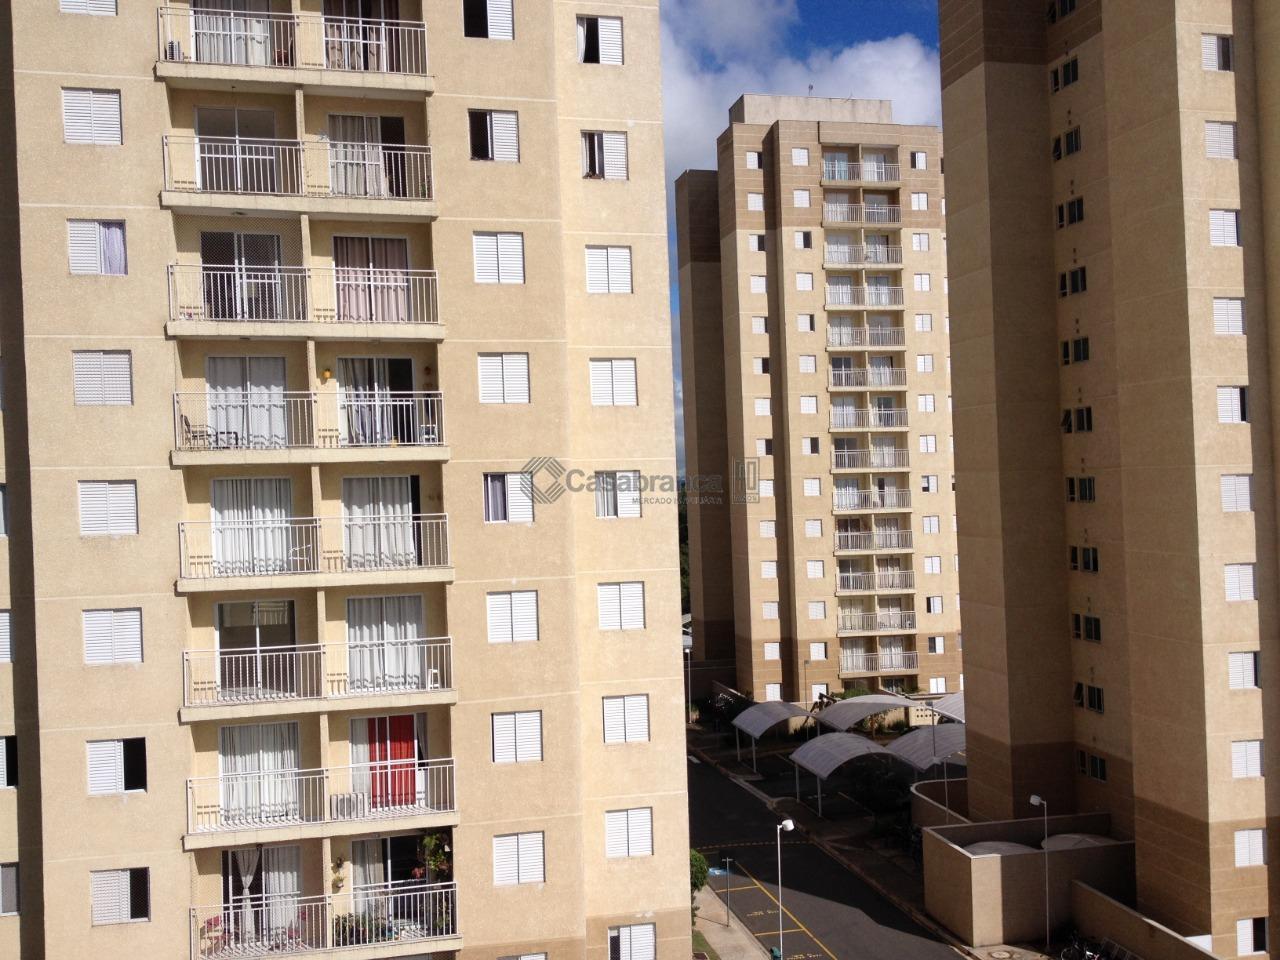 Apartamento com 2 dormitórios à venda, 52 m² por R$ 200.000 - Central Parque Sorocaba - Sorocaba/SP